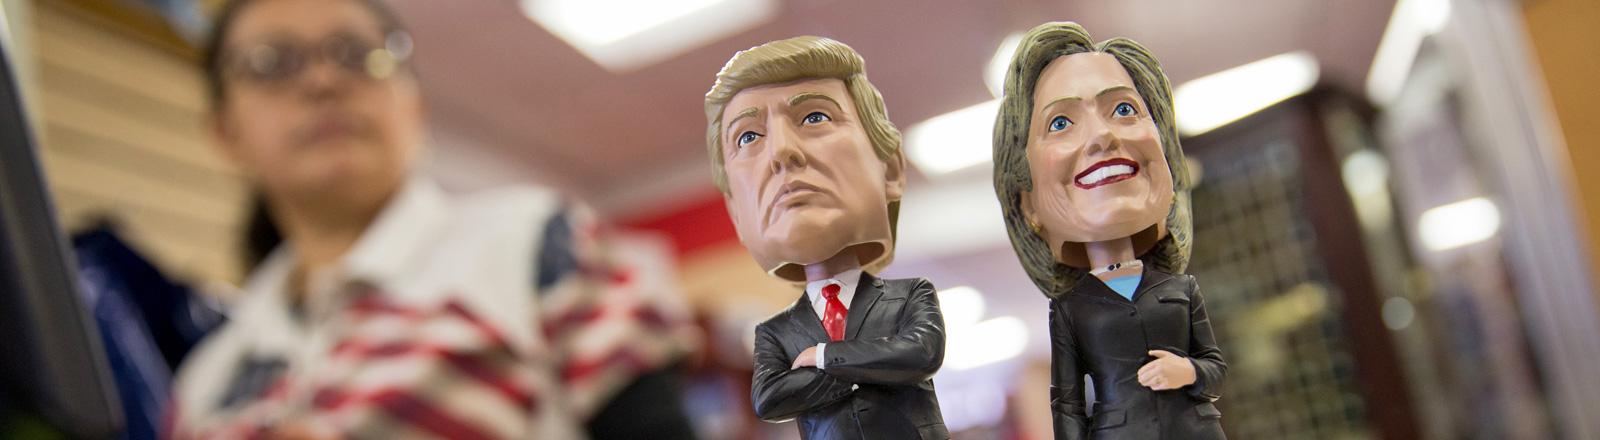 Wackelfiguren mit stilisierten Köpfen des republikanischen Kandidaten Donald Trump und der demokratischen Kandidatin Hillary Clinton stehen in einem Laden zum Verkauf; Foto: dpa